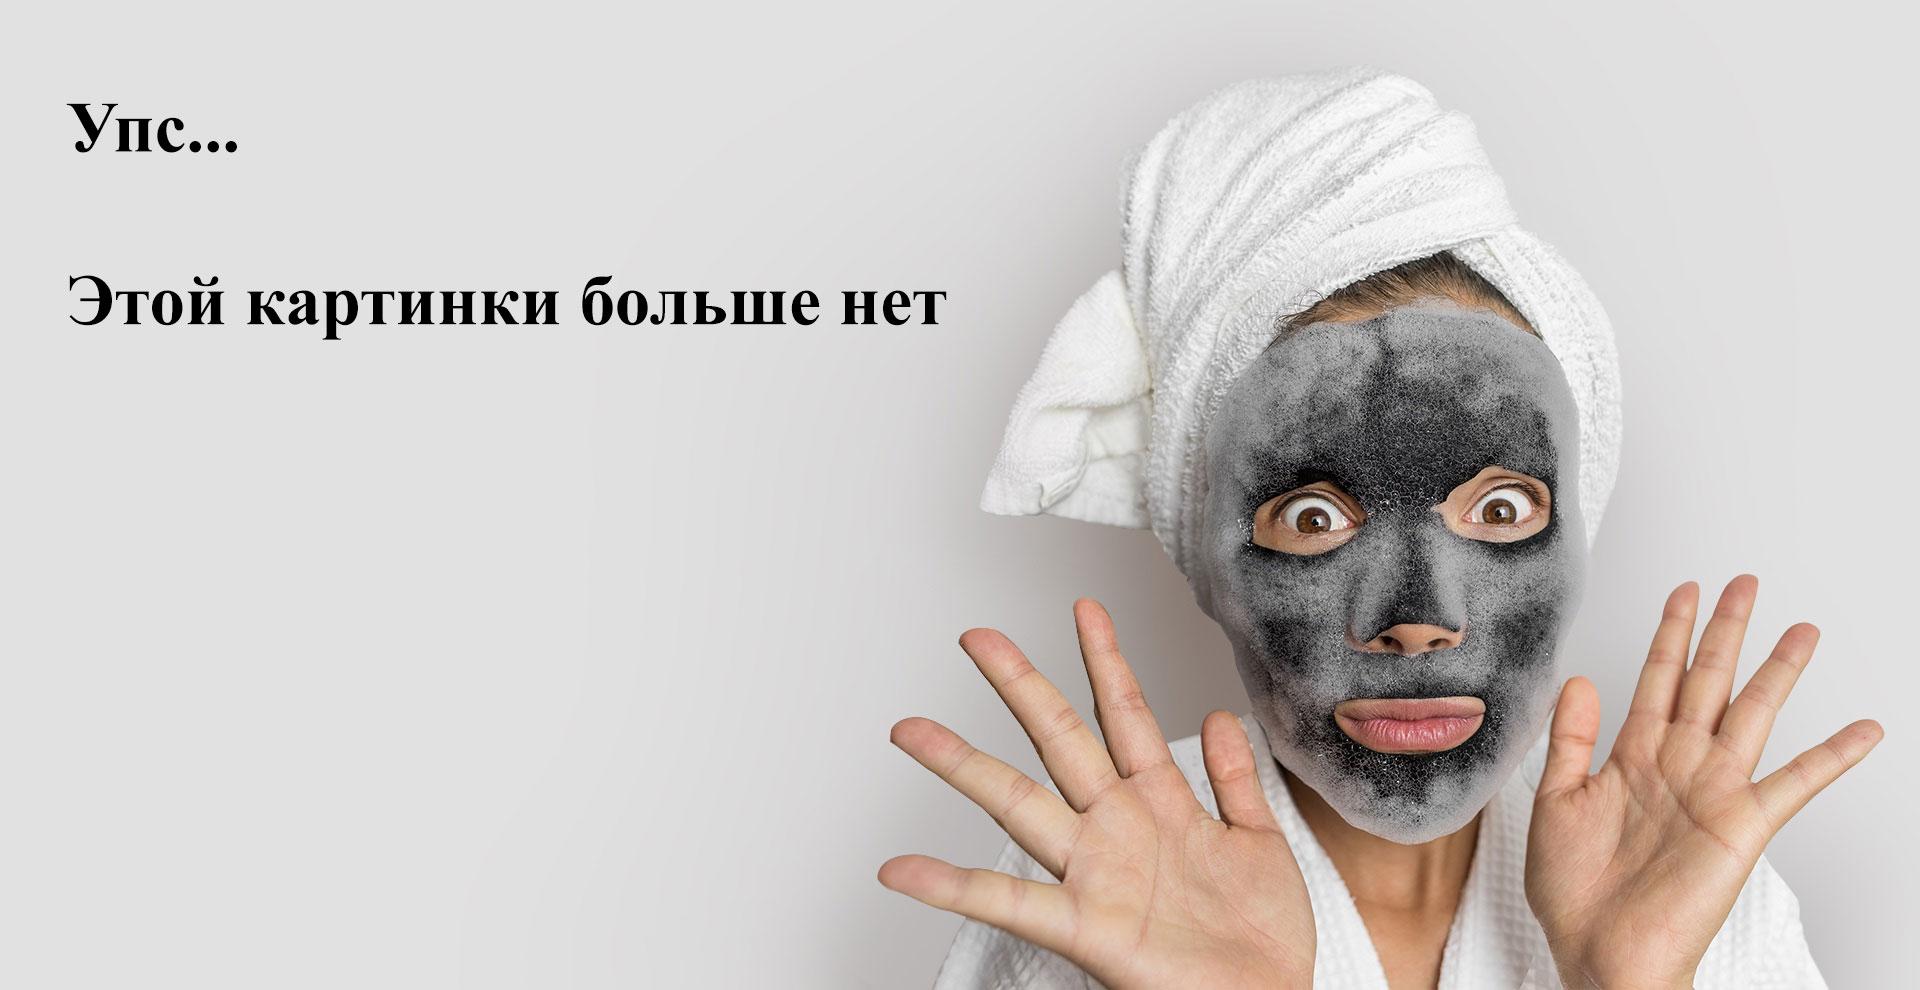 Rosi, Фольга переводная, серебряная, 1 м